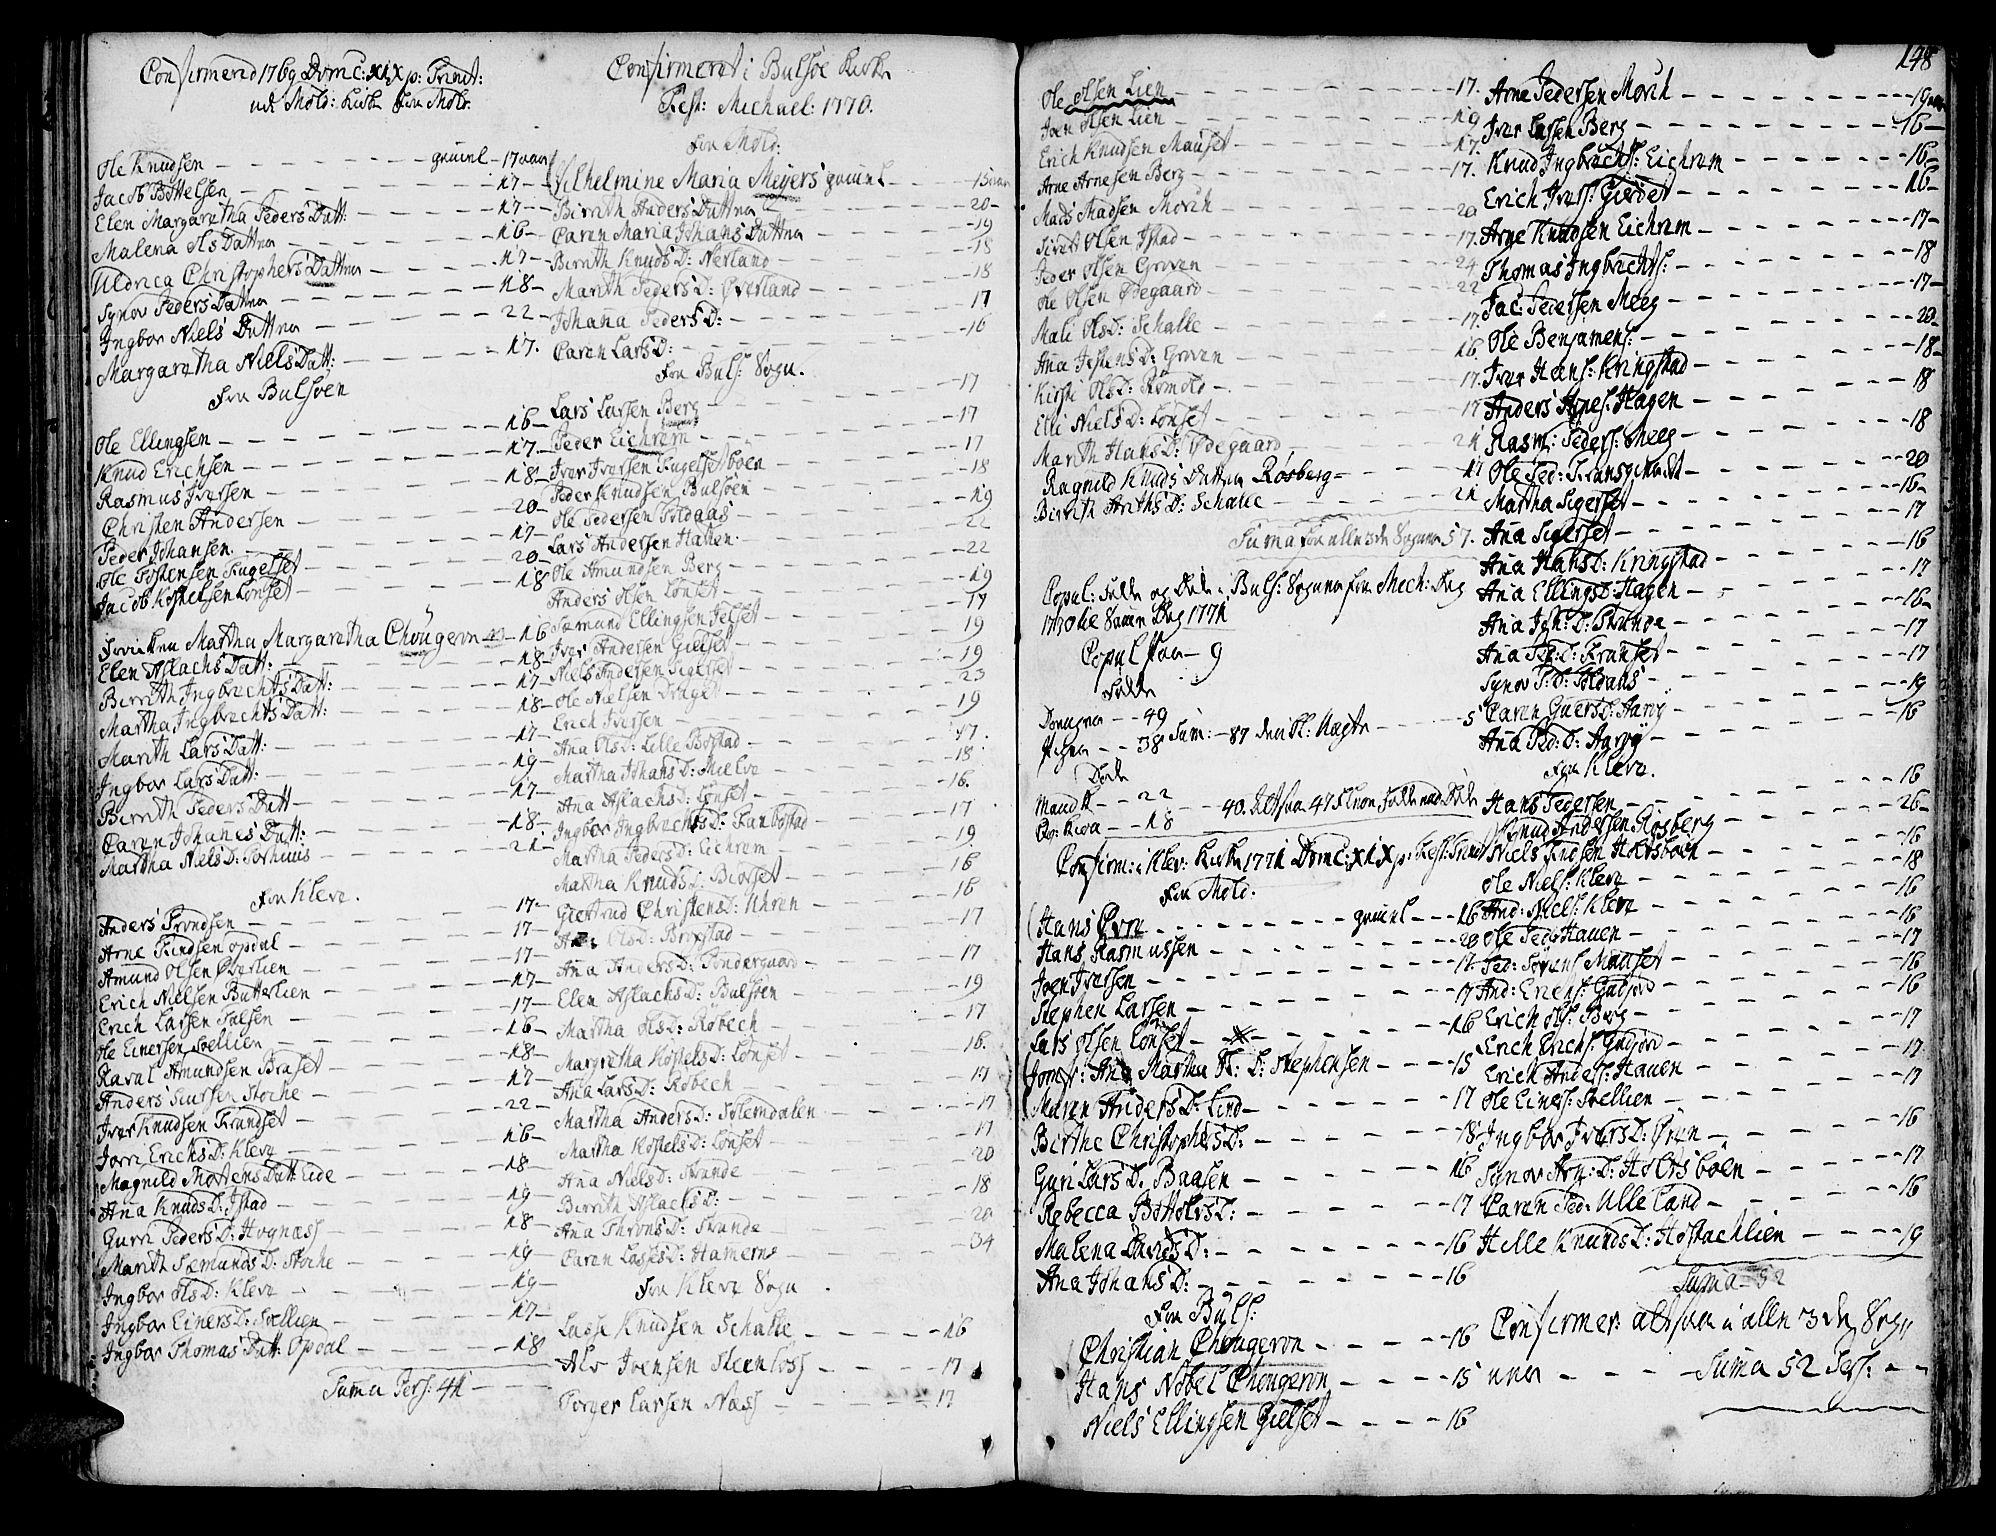 SAT, Ministerialprotokoller, klokkerbøker og fødselsregistre - Møre og Romsdal, 555/L0648: Ministerialbok nr. 555A01, 1759-1793, s. 148